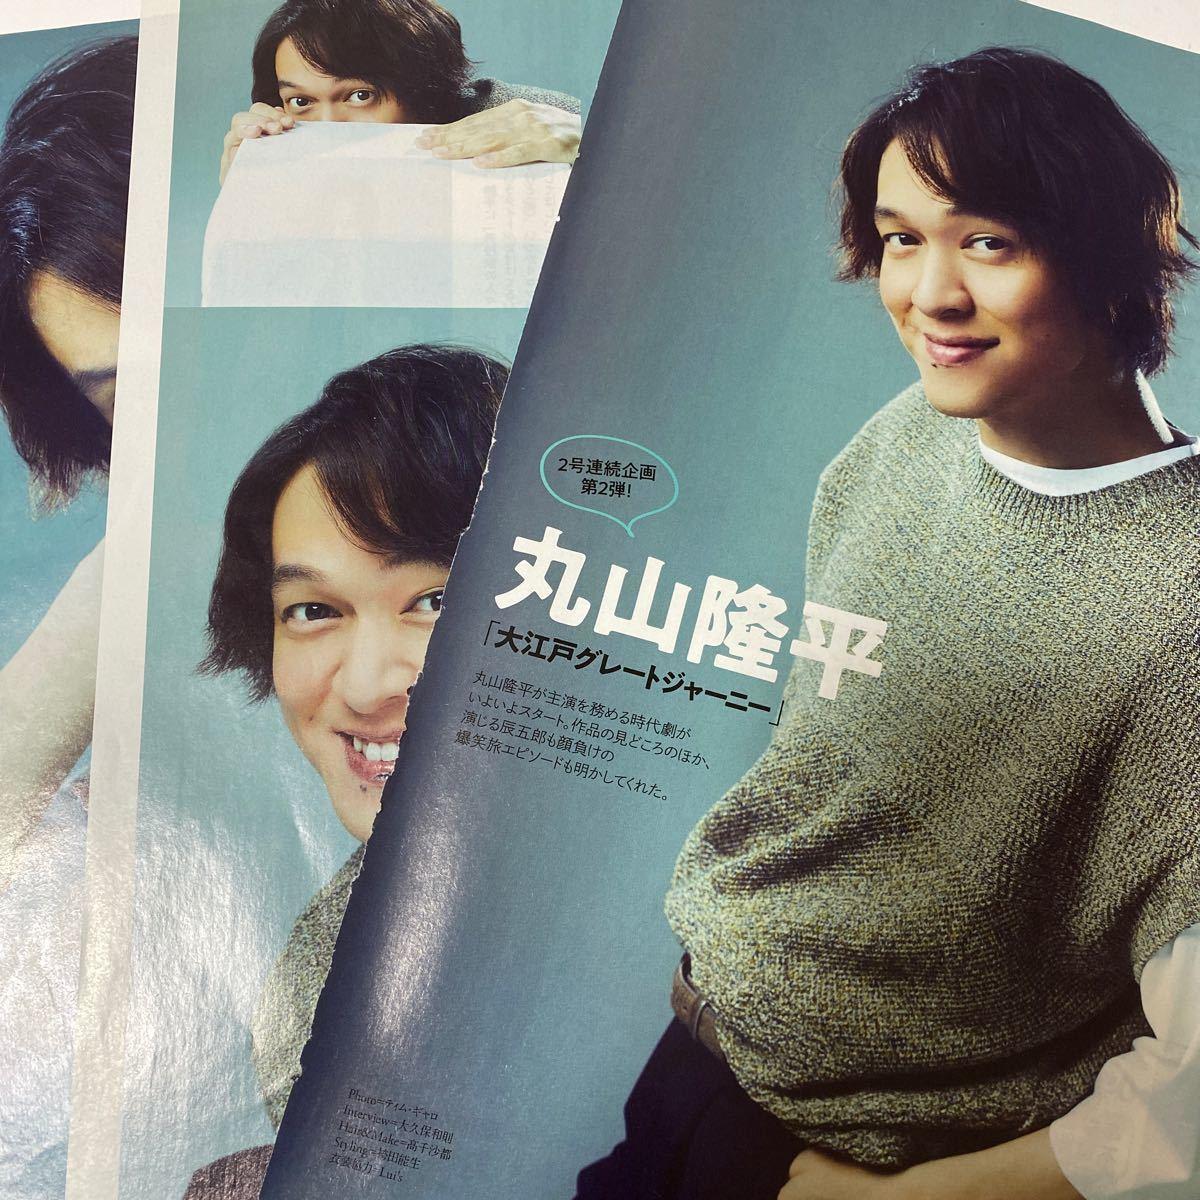 TVガイド 2020/5/26-7/1 丸山隆平